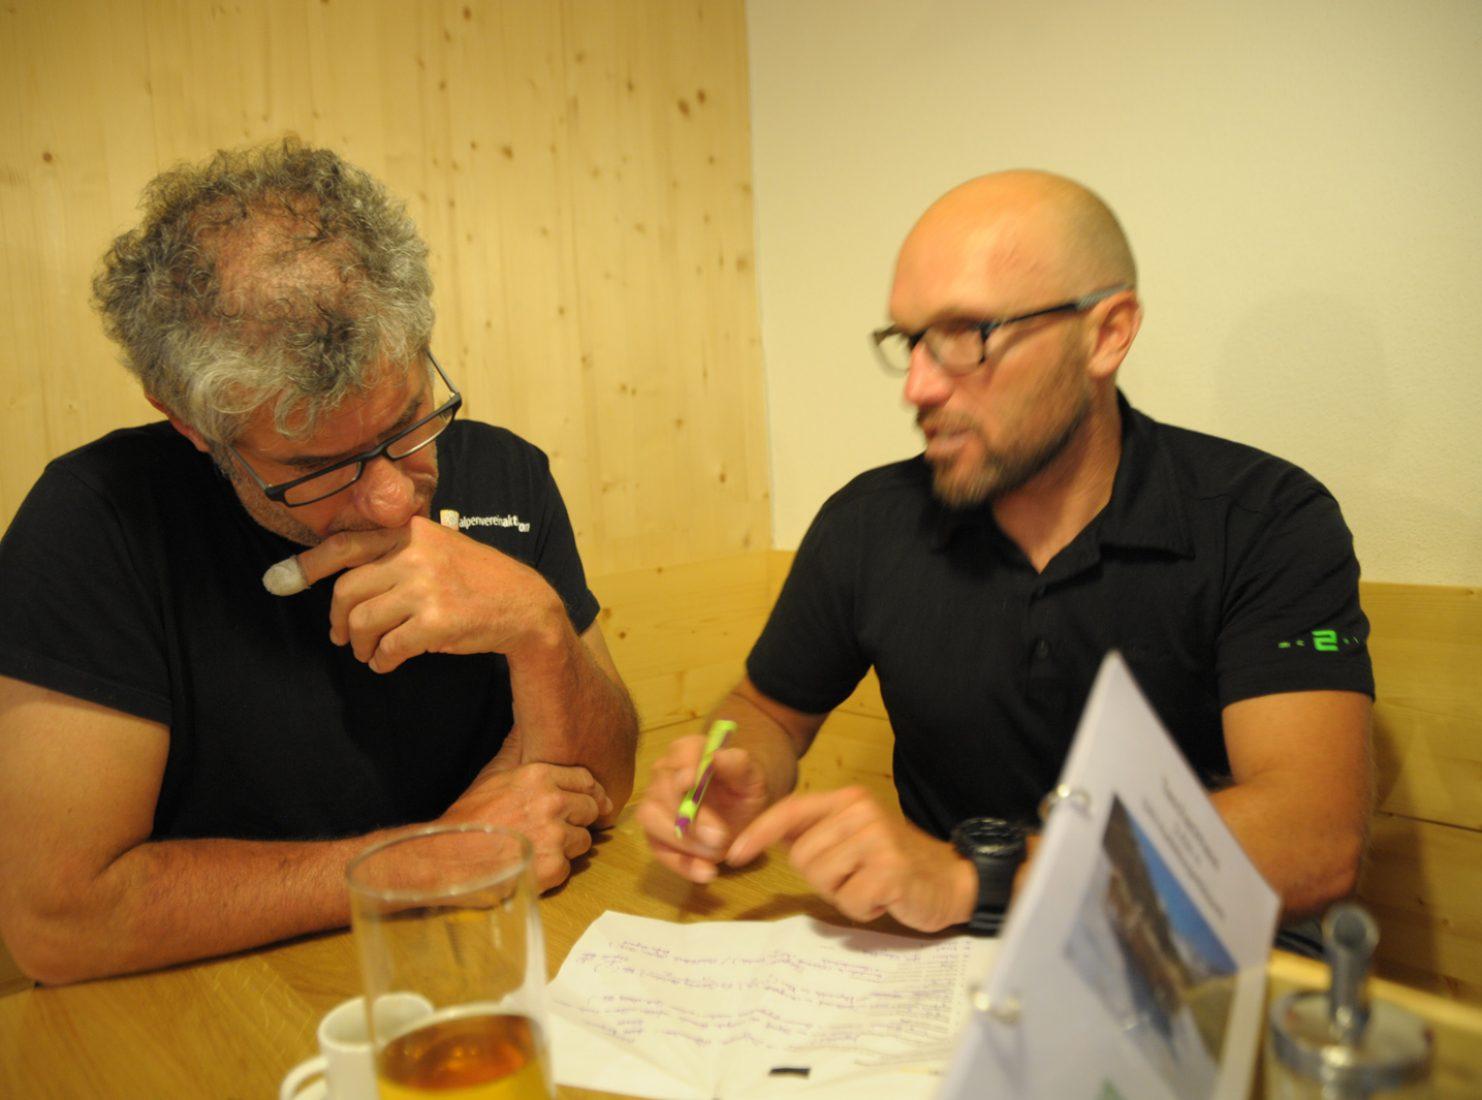 Die Redakteure Michael Larcher und Walter Würtl 2015 am Taschachhaus beim regen Informationsaustausch.